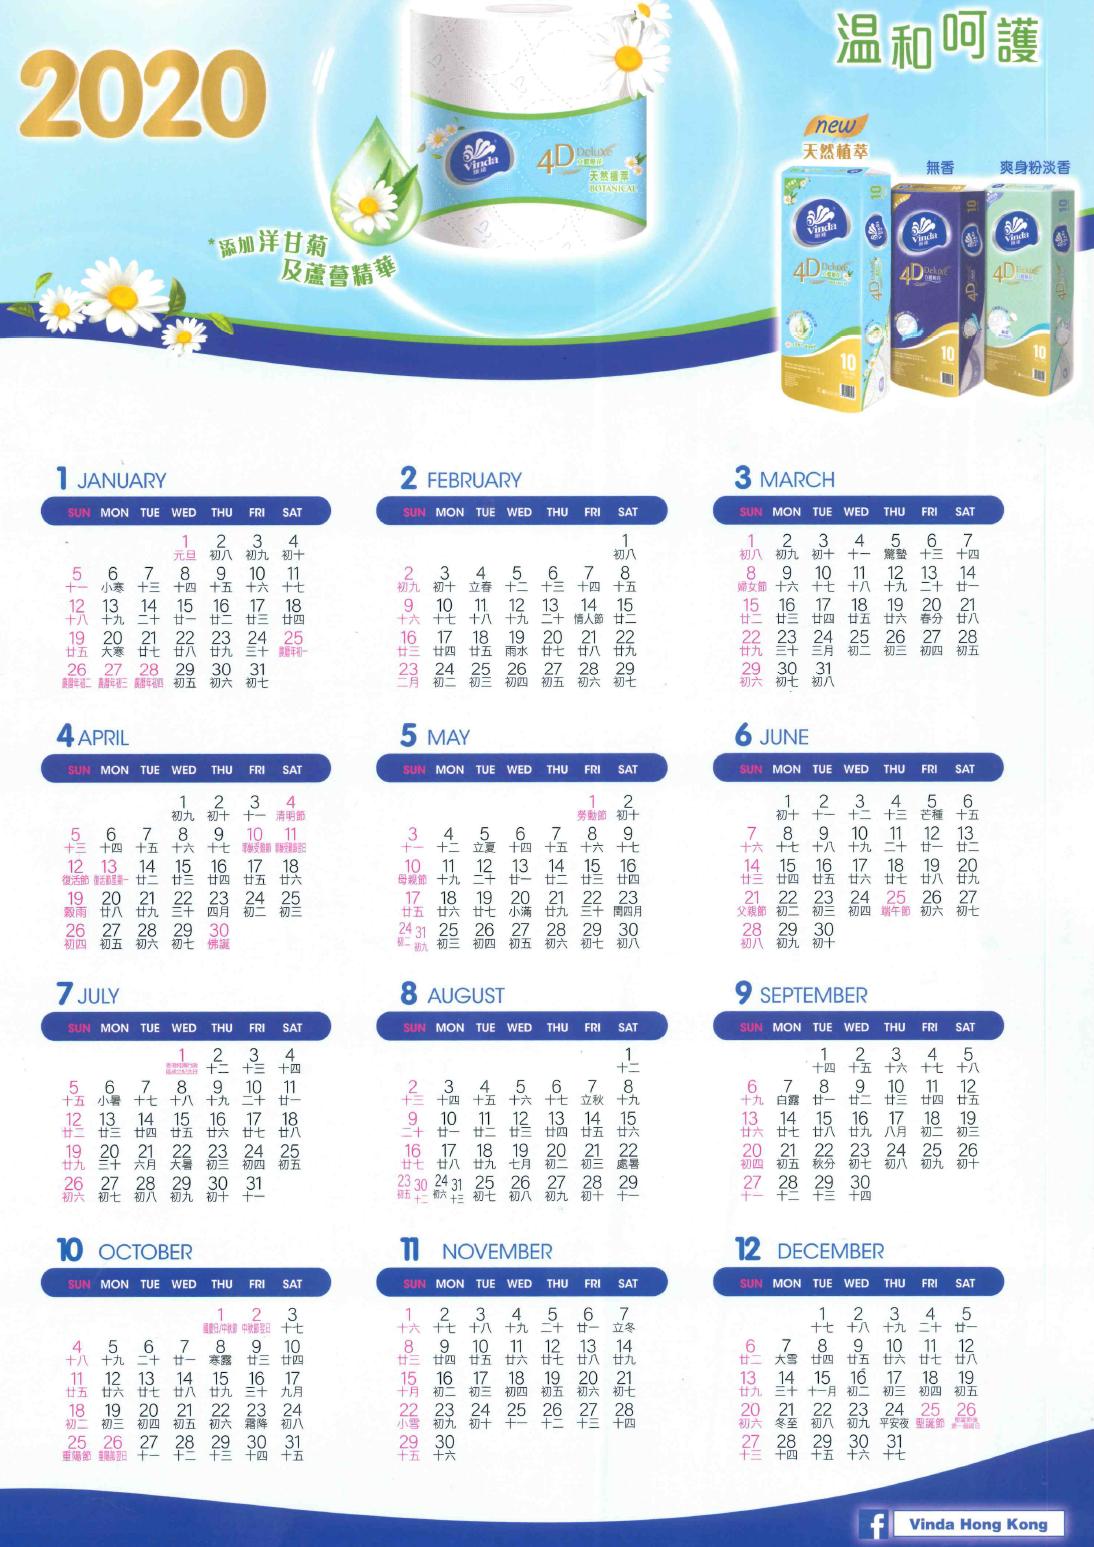 【2020年曆】下載維達香港二零二零年彩色版年曆 (歷/农历/行事曆/新曆及舊曆或稱農曆對照表/萬年曆/星期日排先